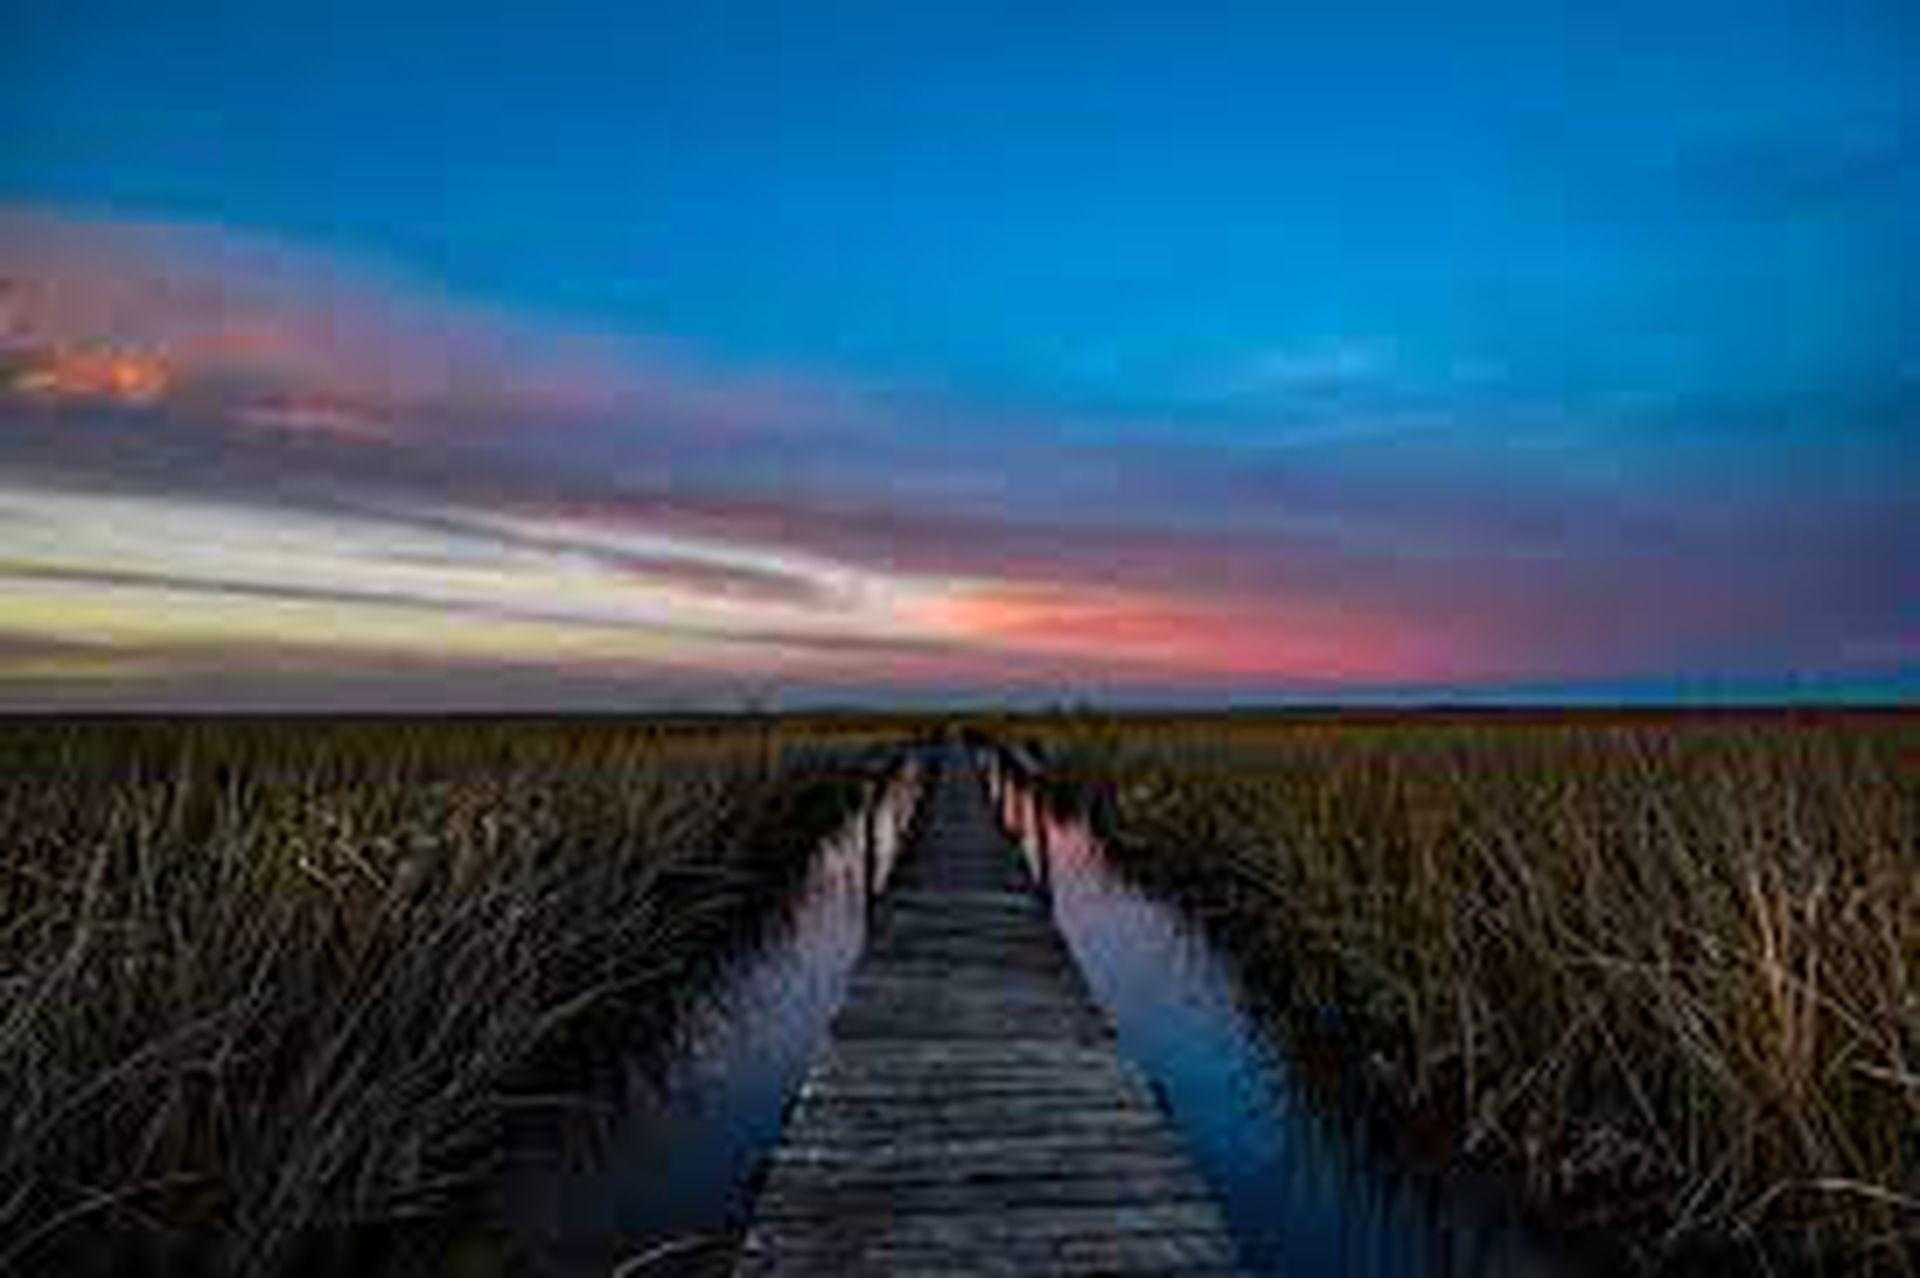 Parque Nacional Ciervo de los Pantanos, una belleza natural en Campana